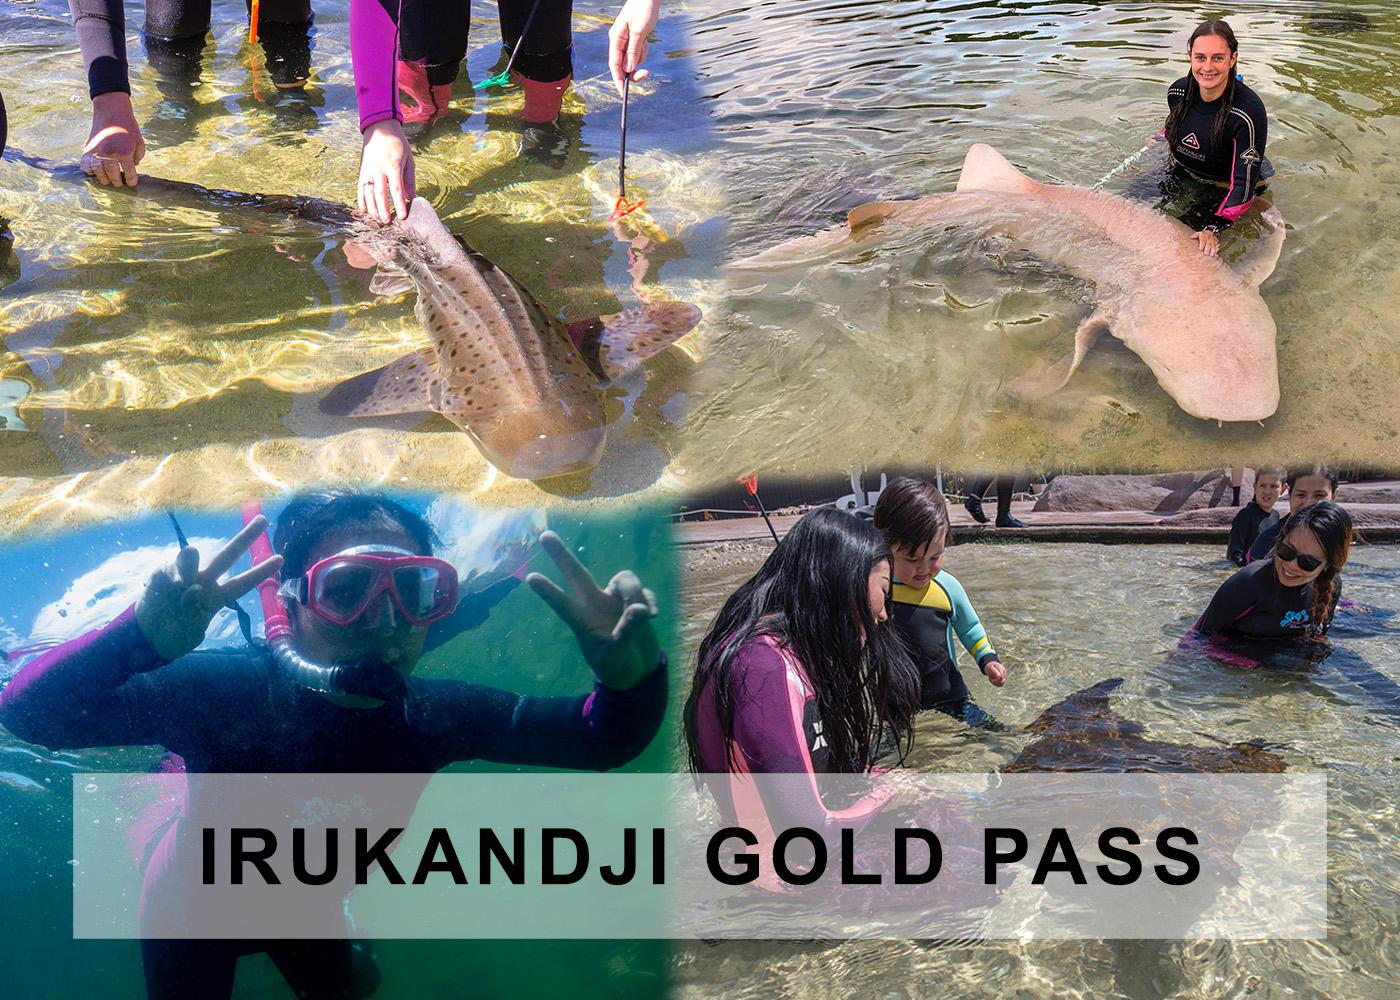 Irukandji Gold Pass ticket